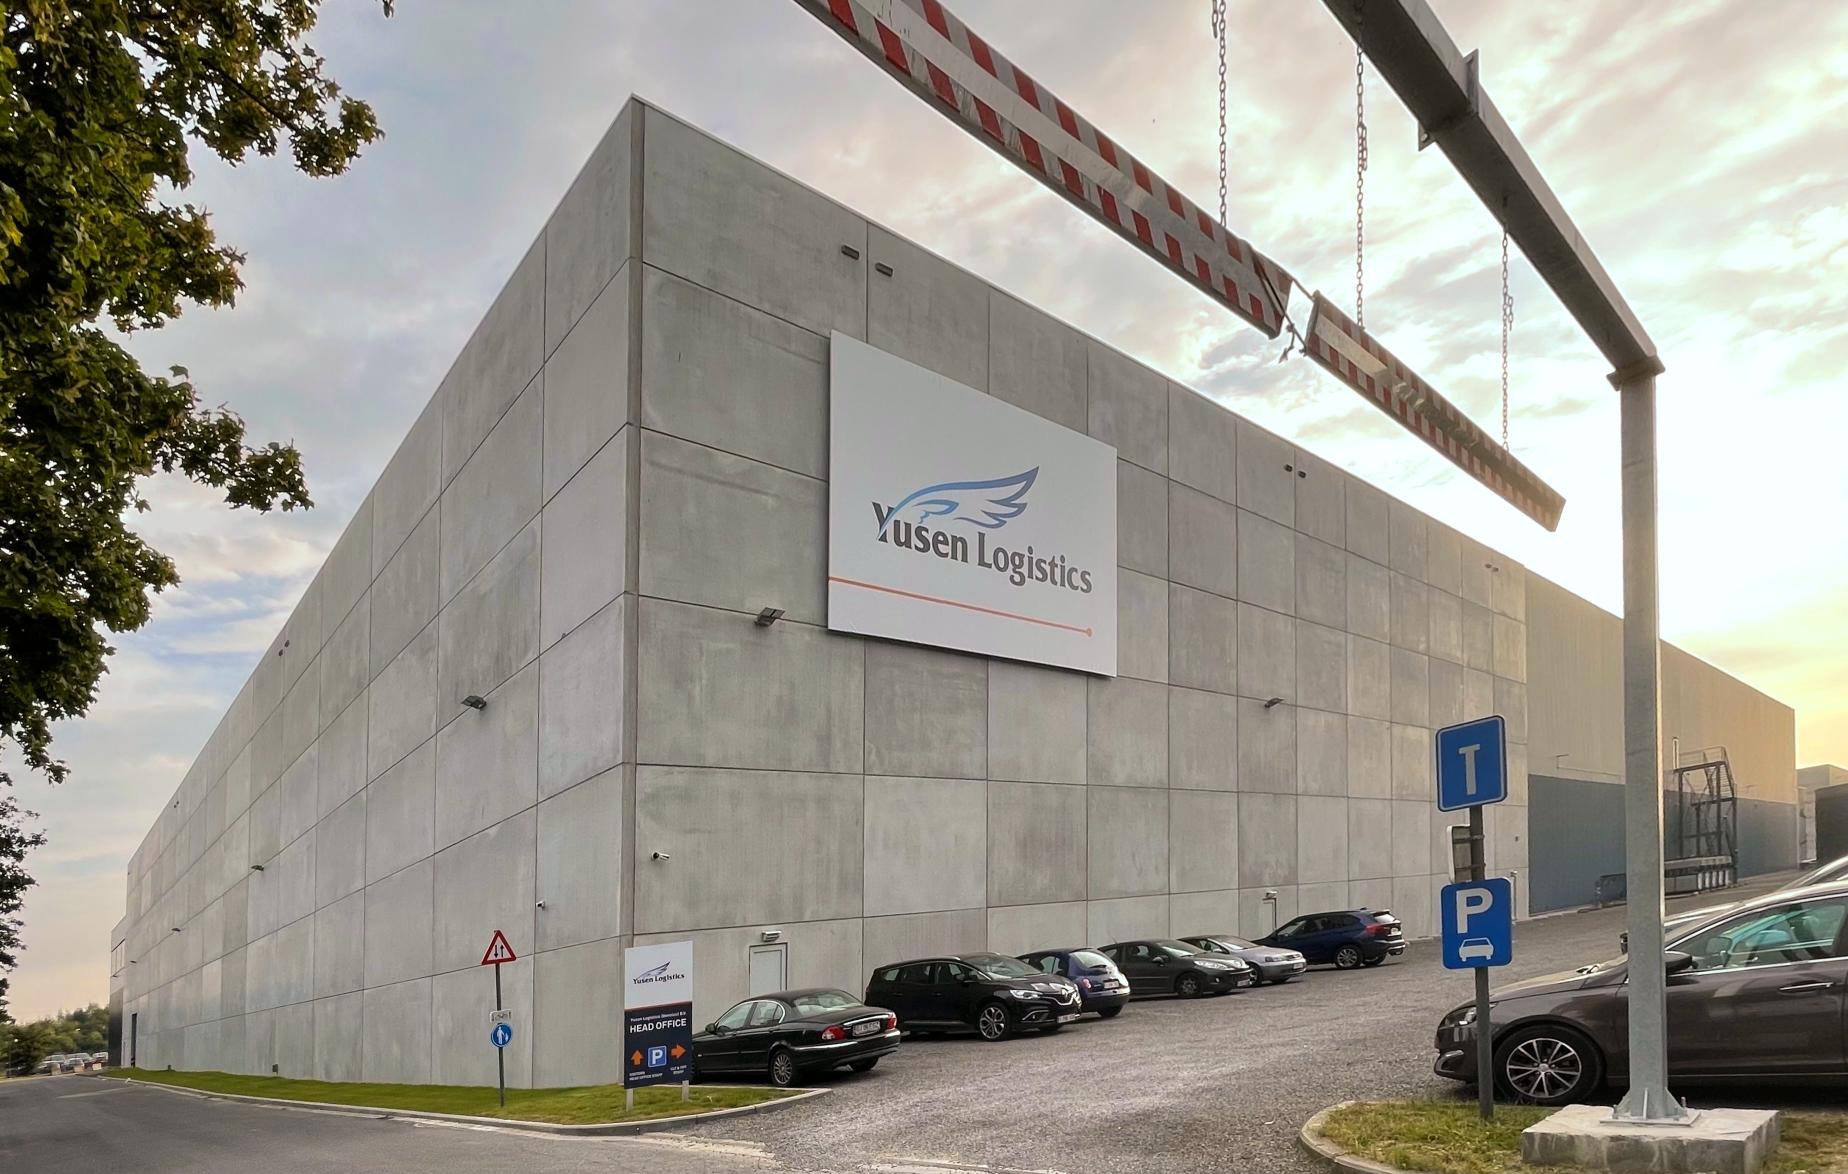 Yusen Logistics warehouse in Melsele, Belgium built by Takenaka Europe GmbH